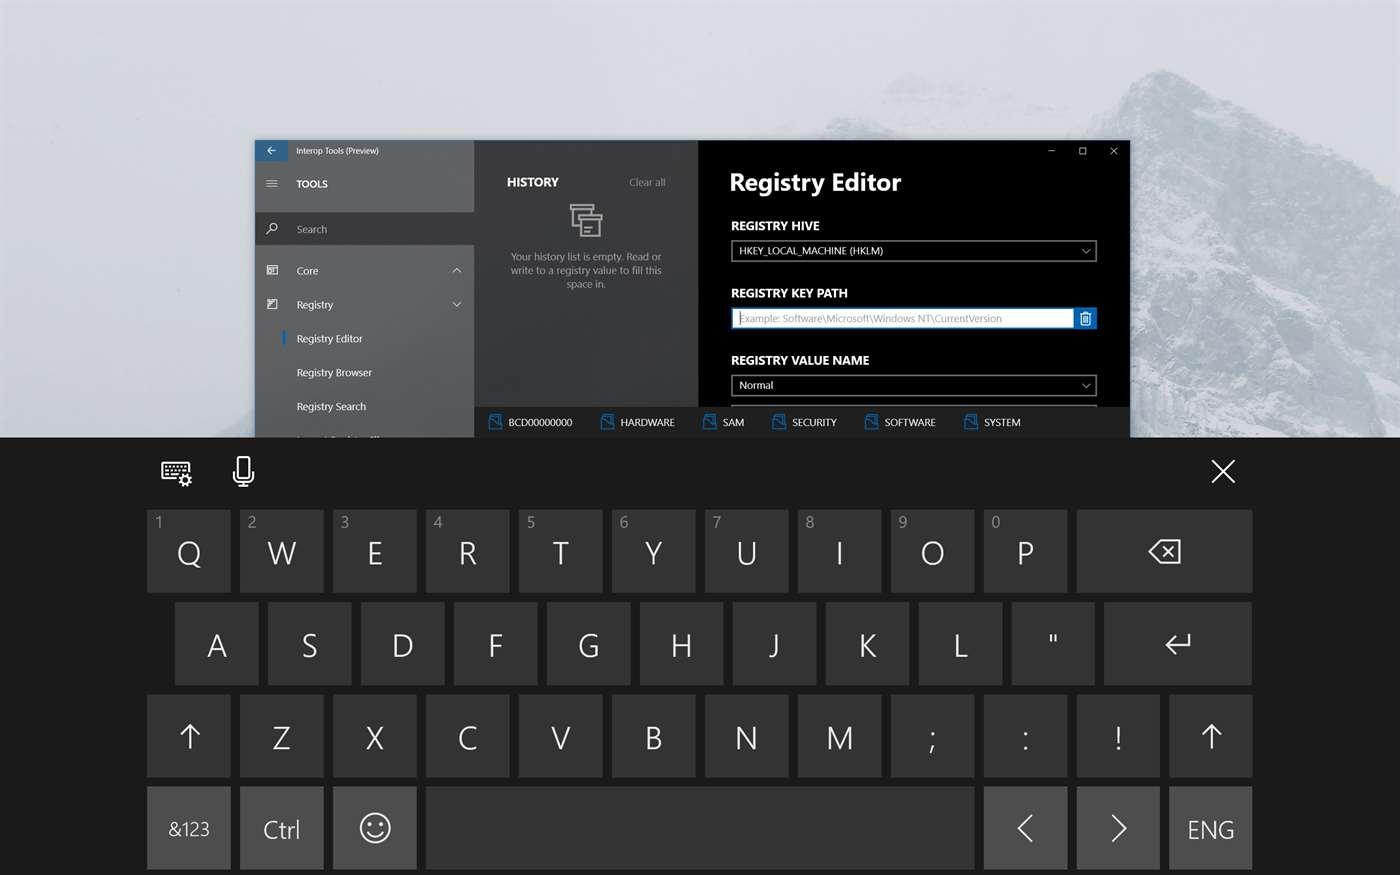 Interop Tools: Công cụ chỉnh sửa Registry cho Windows 10 và Windows 10 Mobile được cập nhật lên phiên bản 2.1.27.0, bổ sung các tính năng đáng chú ý mới